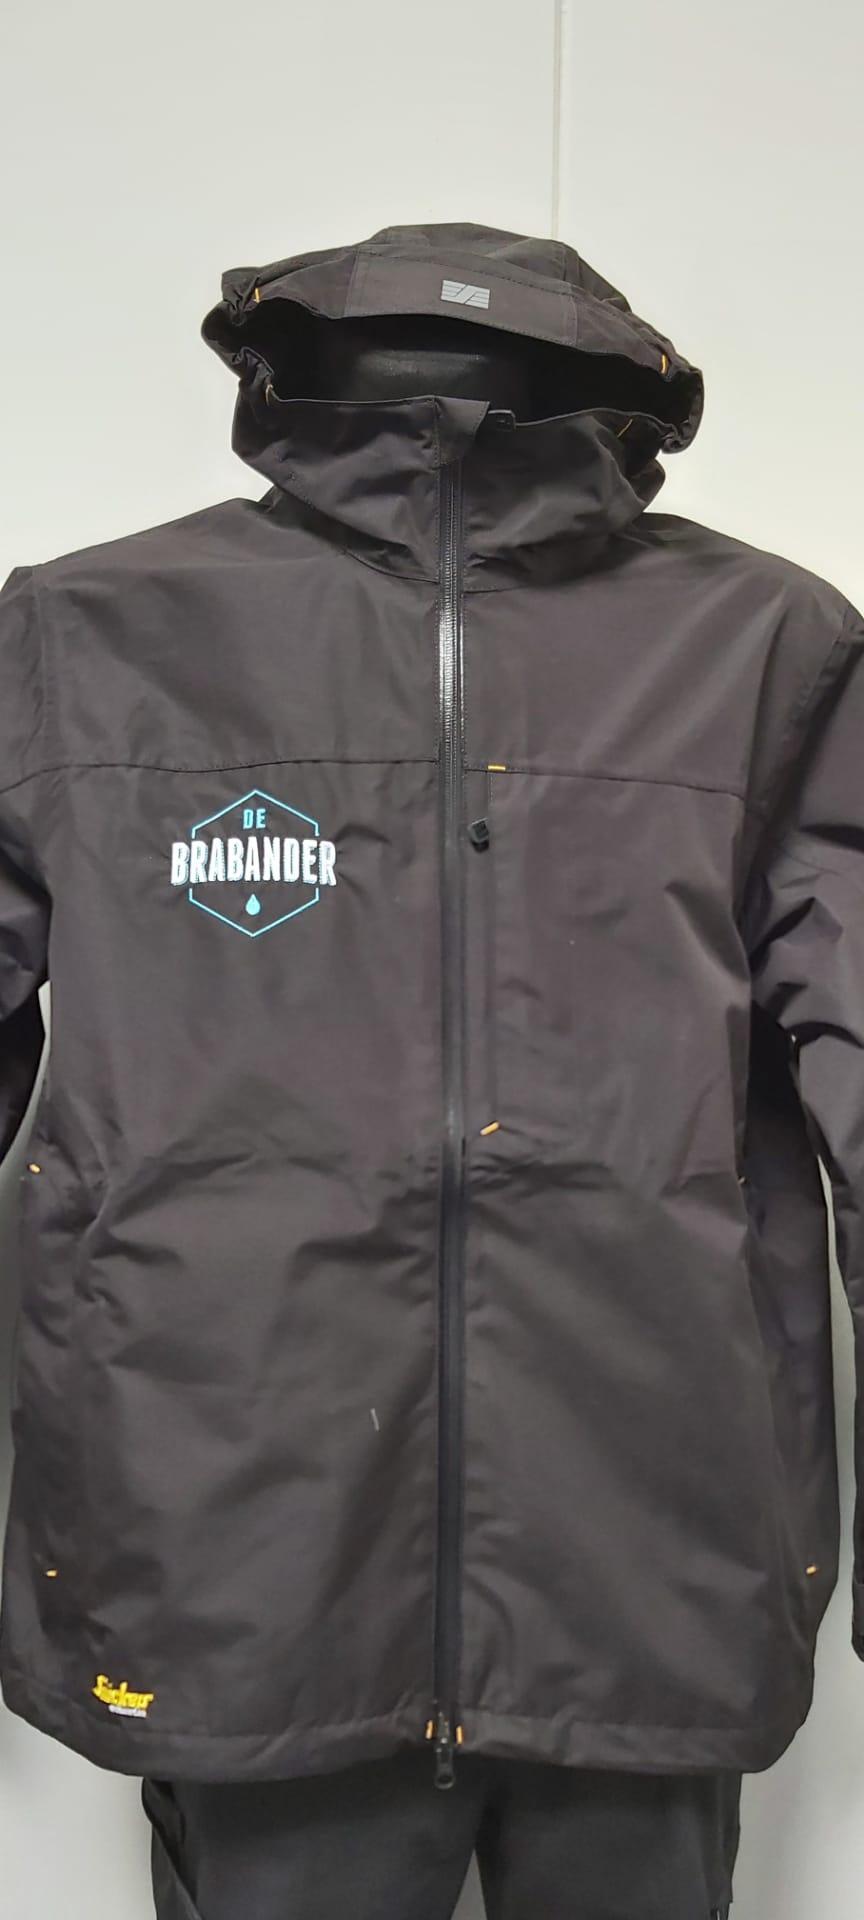 geborduurd logo De Brabander